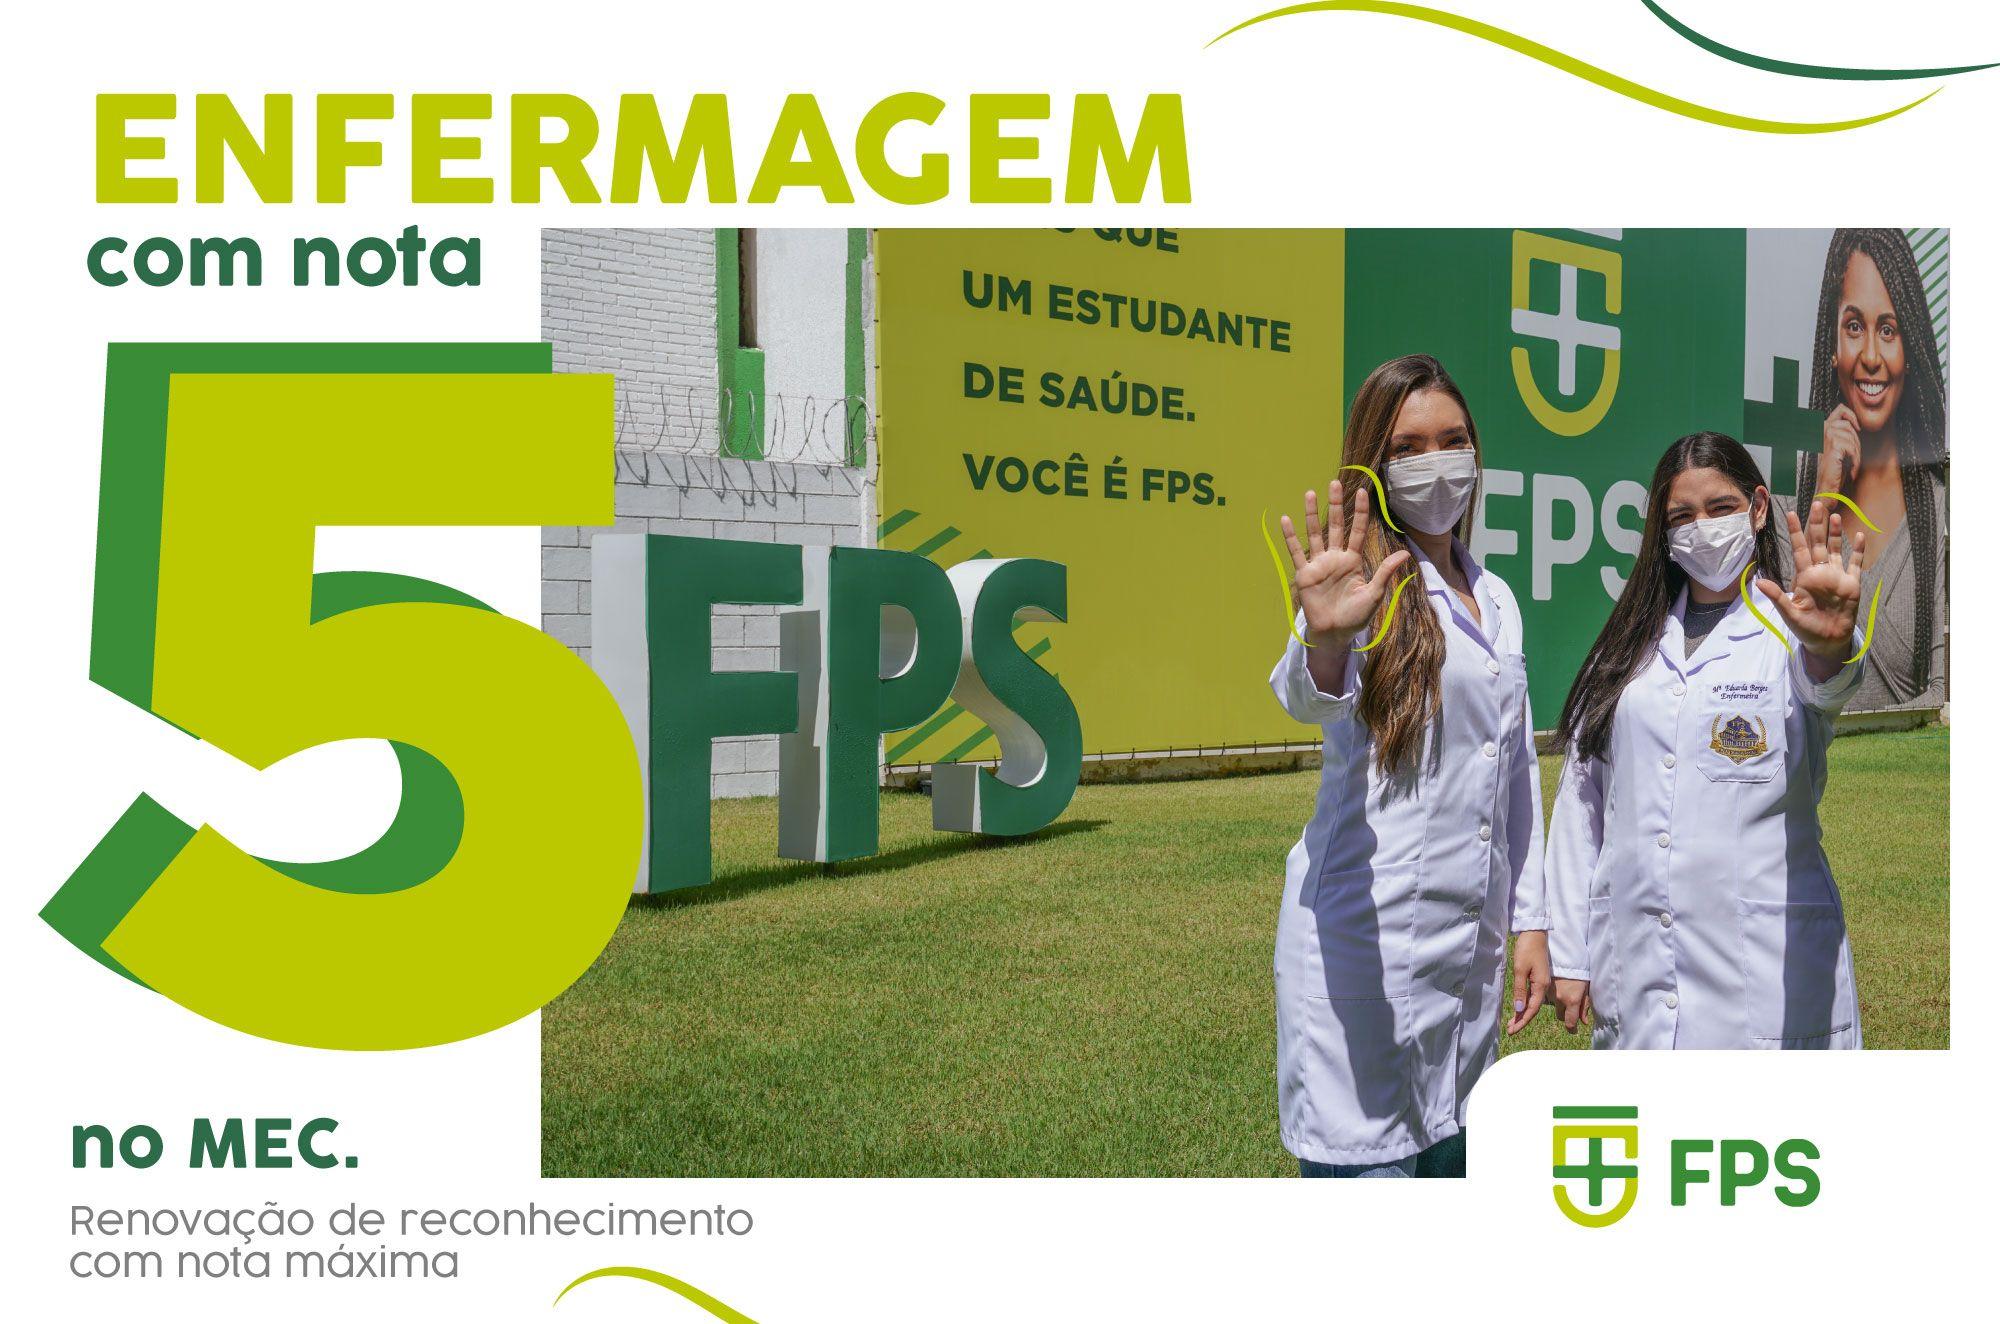 ENFERMAGEM É NOTA 5 NO MEC!